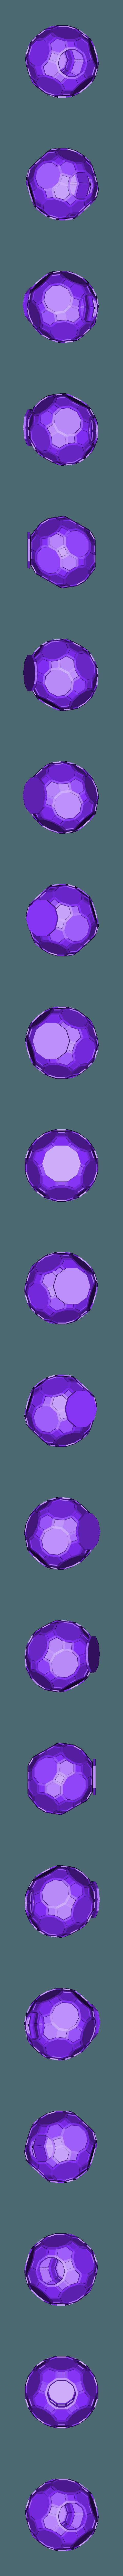 Mini pot.stl Download free STL file Geometric mini planter • 3D printable object, solunkejagruti